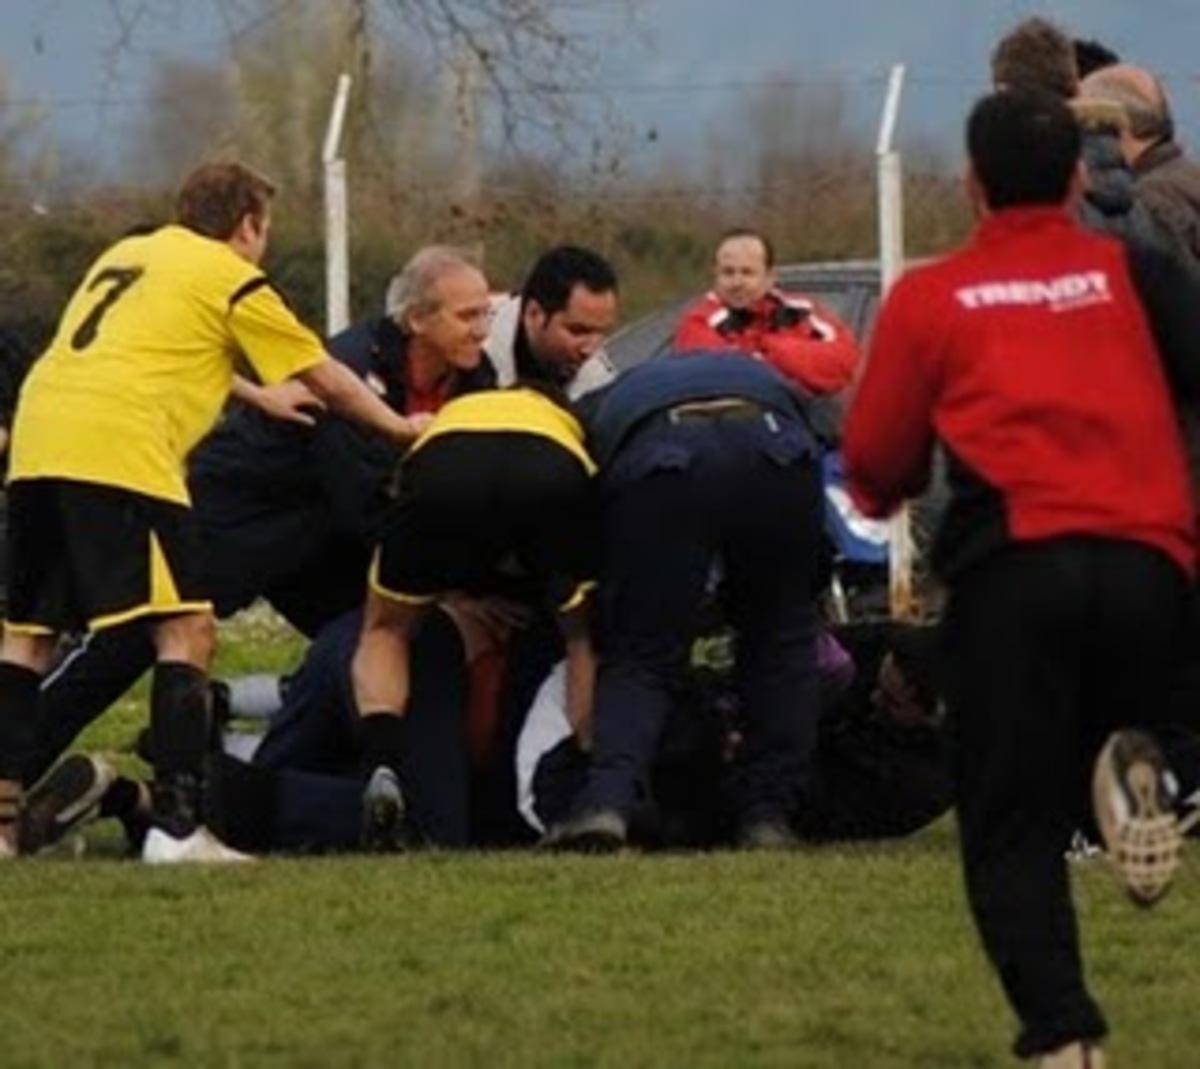 Απίστευτο ξύλο σε αγώνα στην Κάρπαθό!–Αναζητείται ο δράστης ποδοσφαιριστής-Δείτε το βίντεο | Newsit.gr